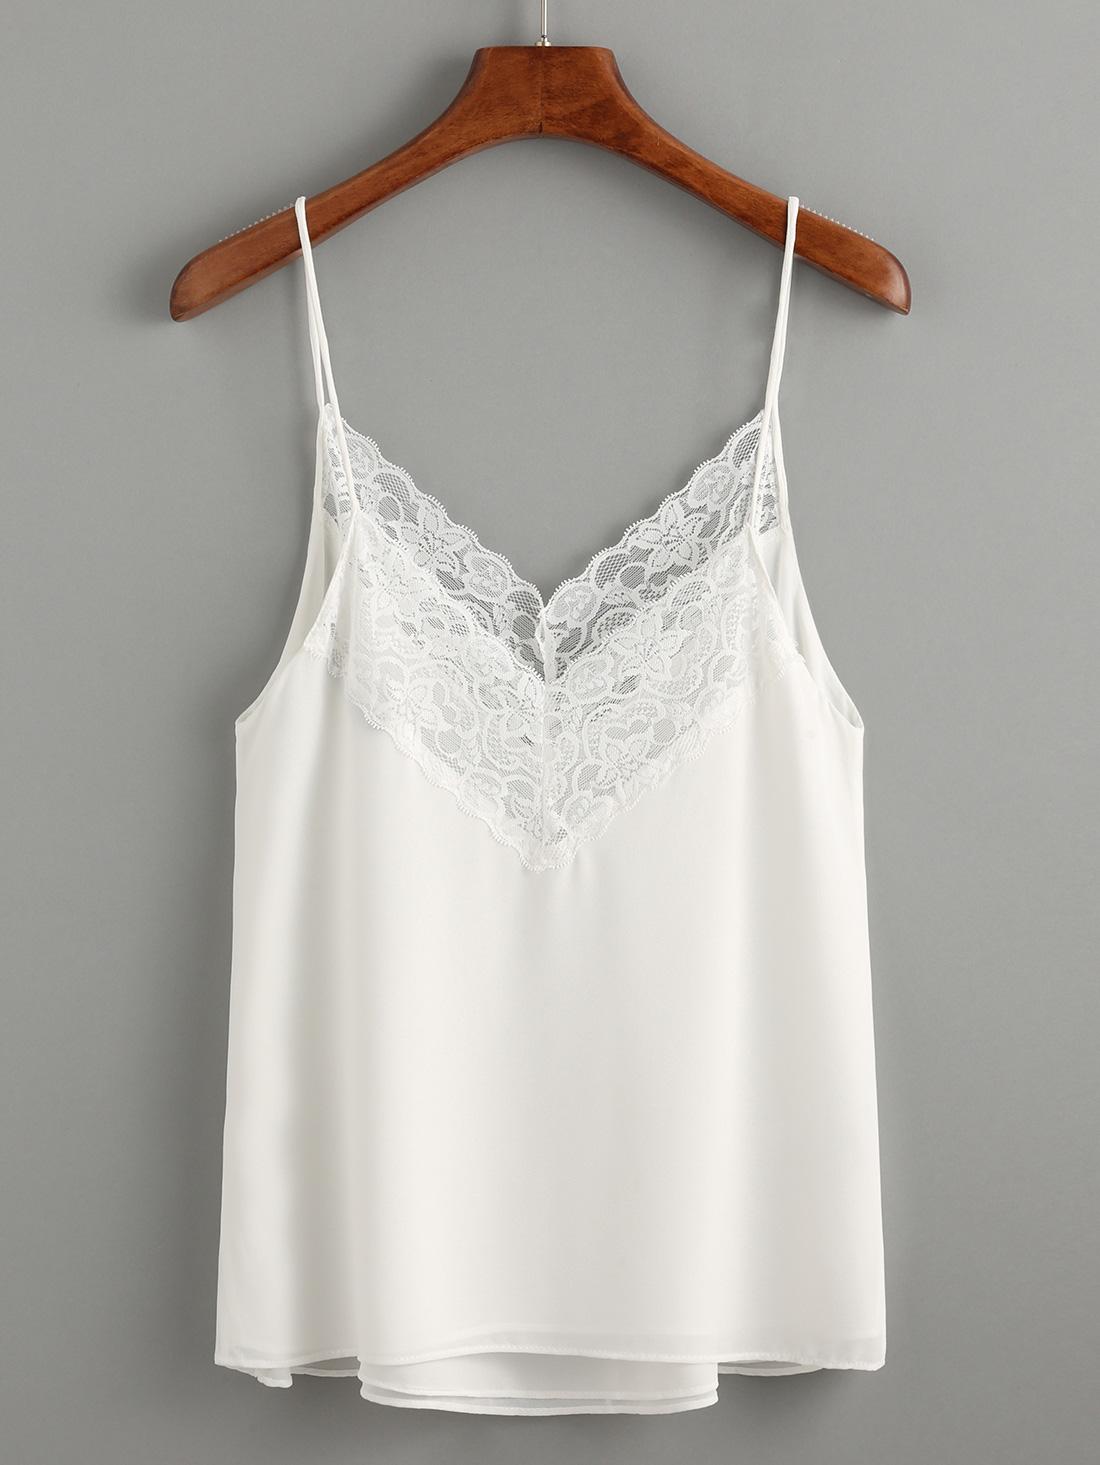 White Lace Trim Chiffon Cami Top -SheIn(Sheinside)